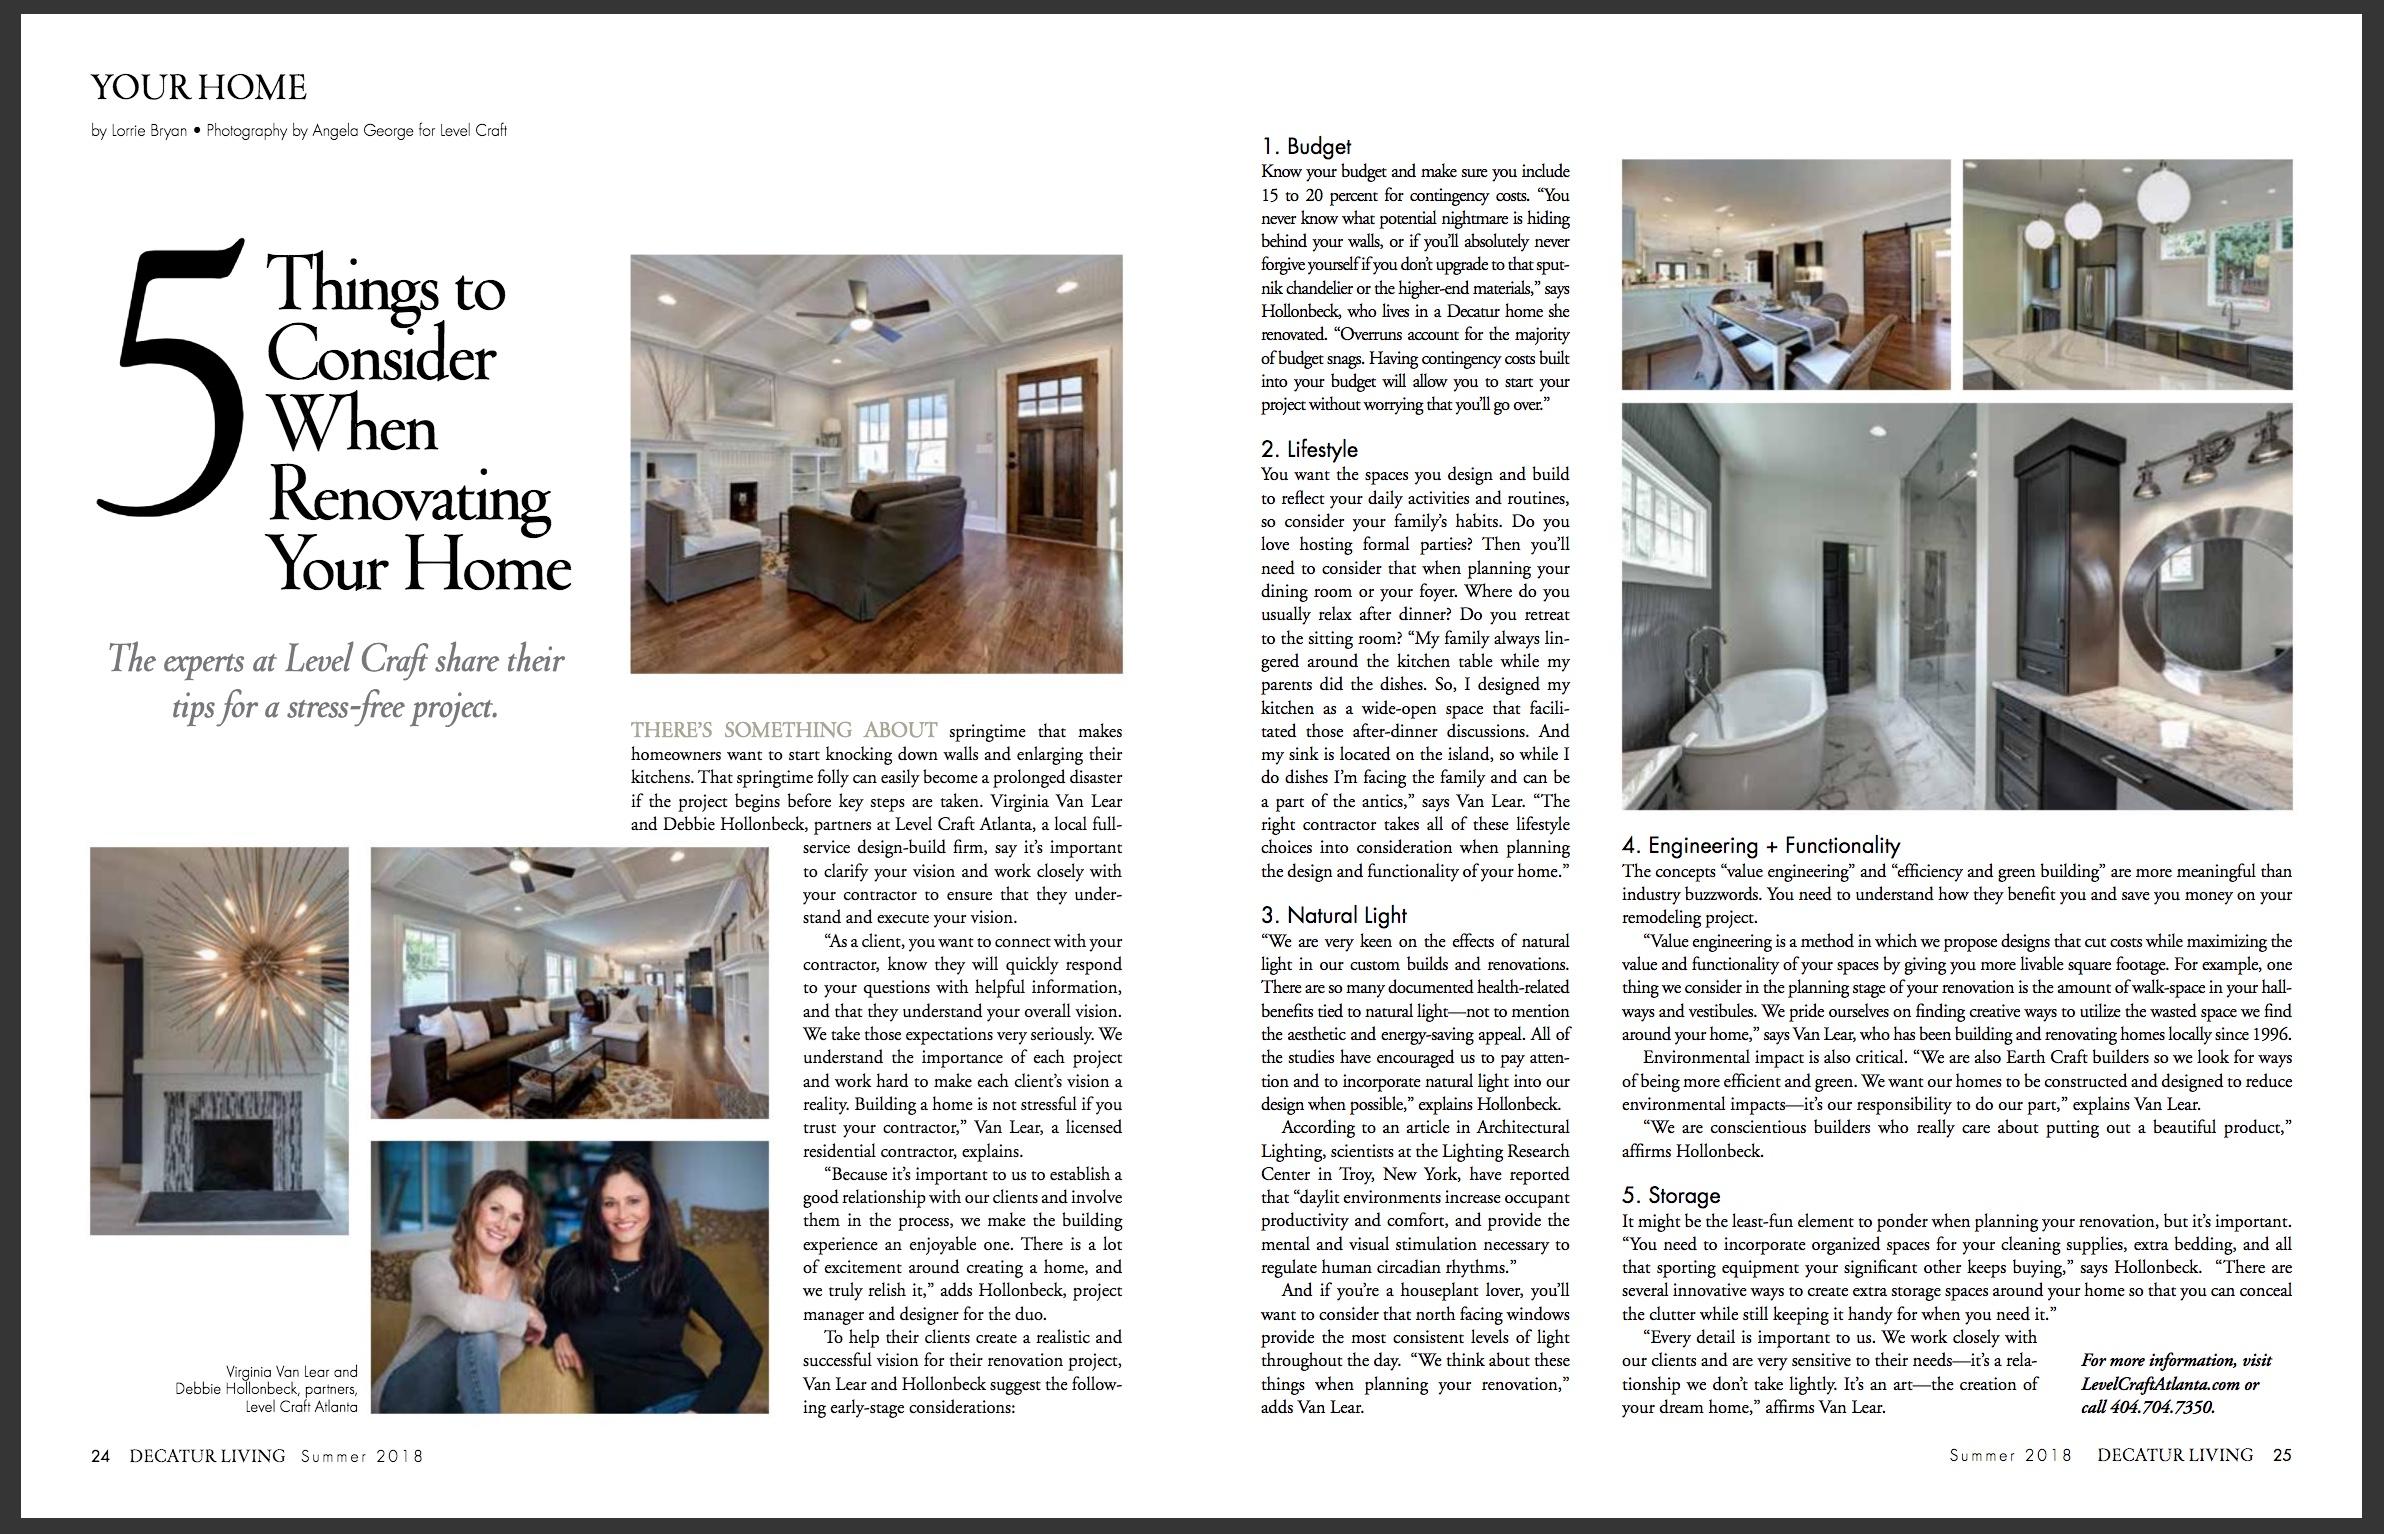 Decatur Living Article - Summer 2018.jpeg